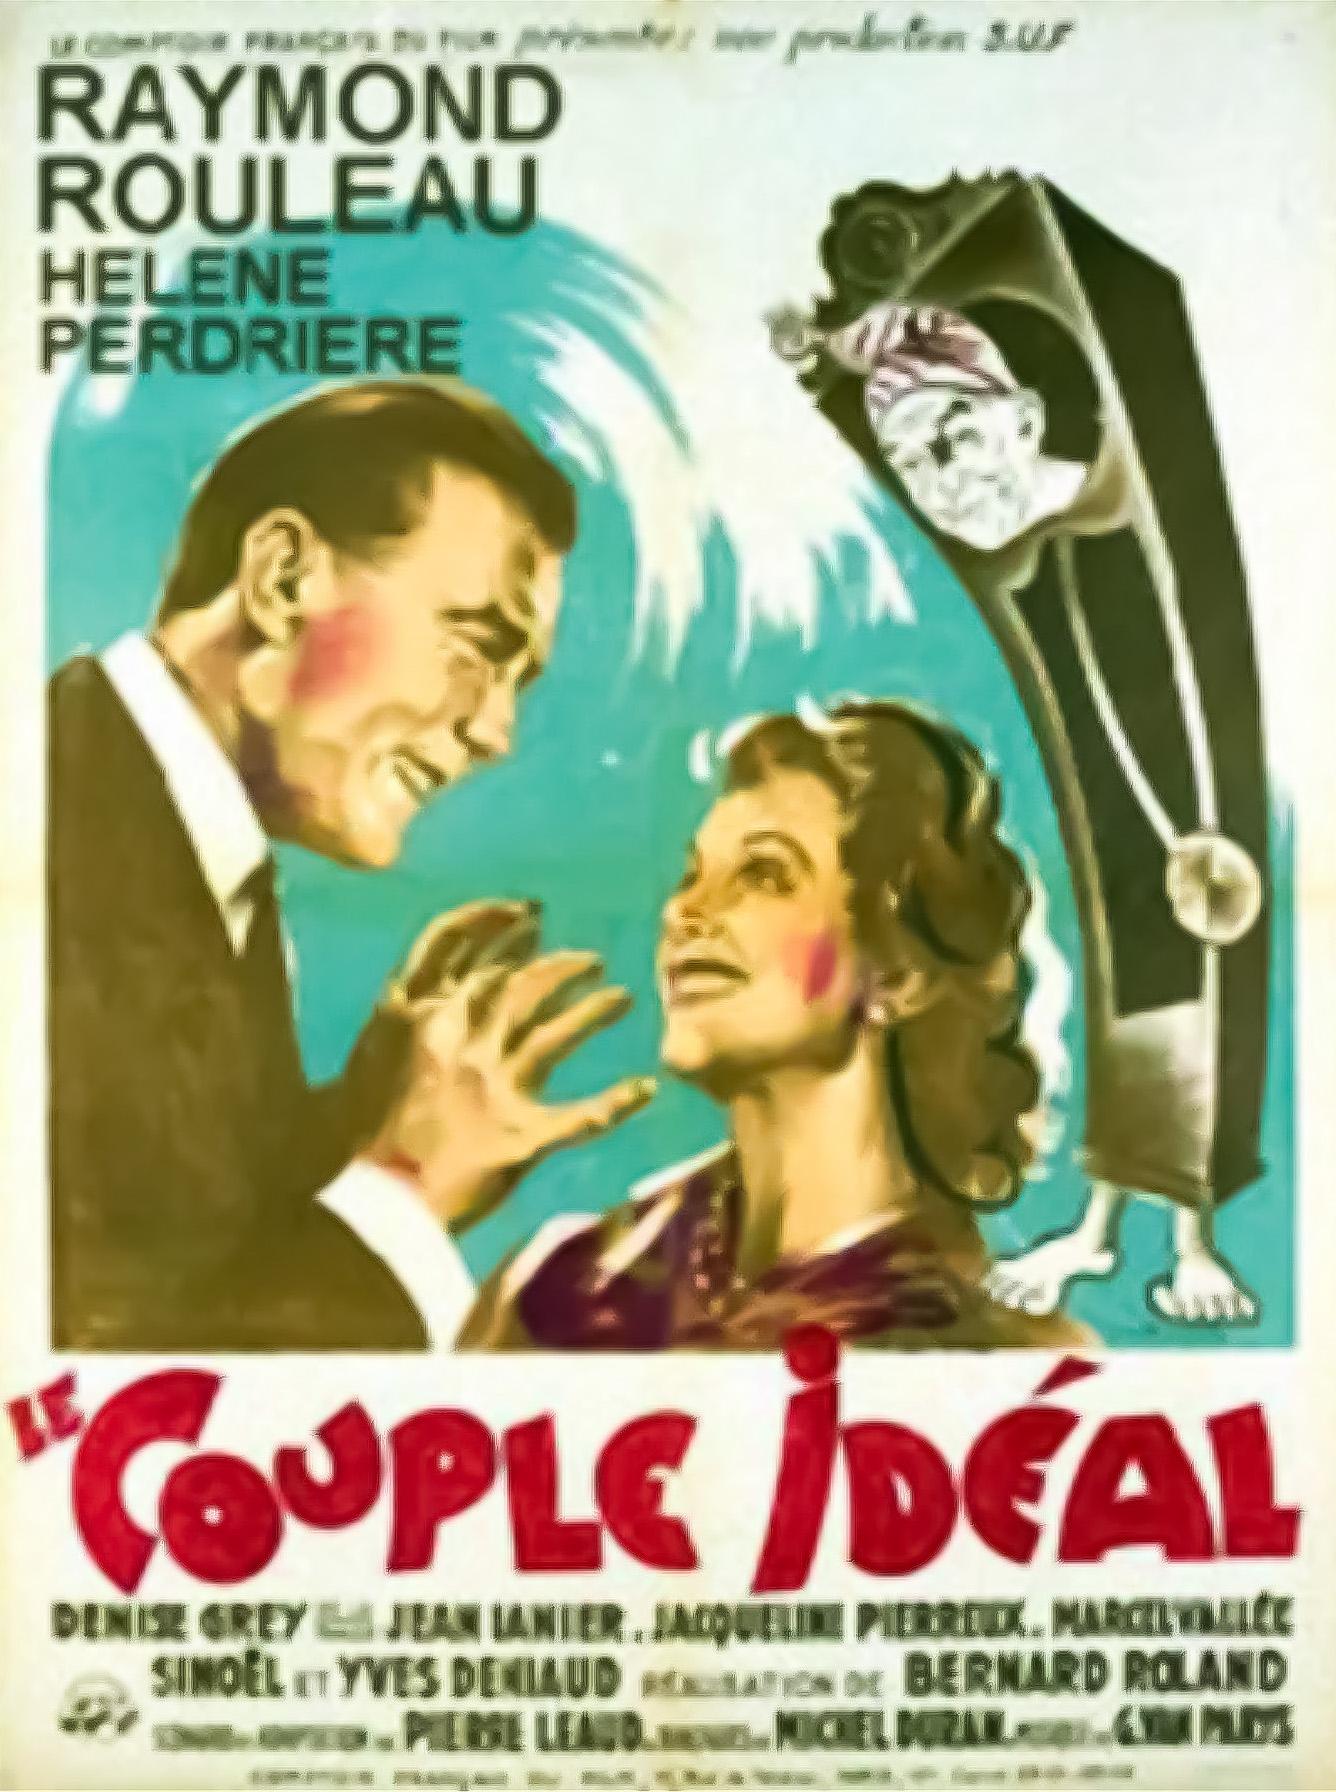 Hélène Perdrière and Raymond Rouleau in Le couple idéal (1946)